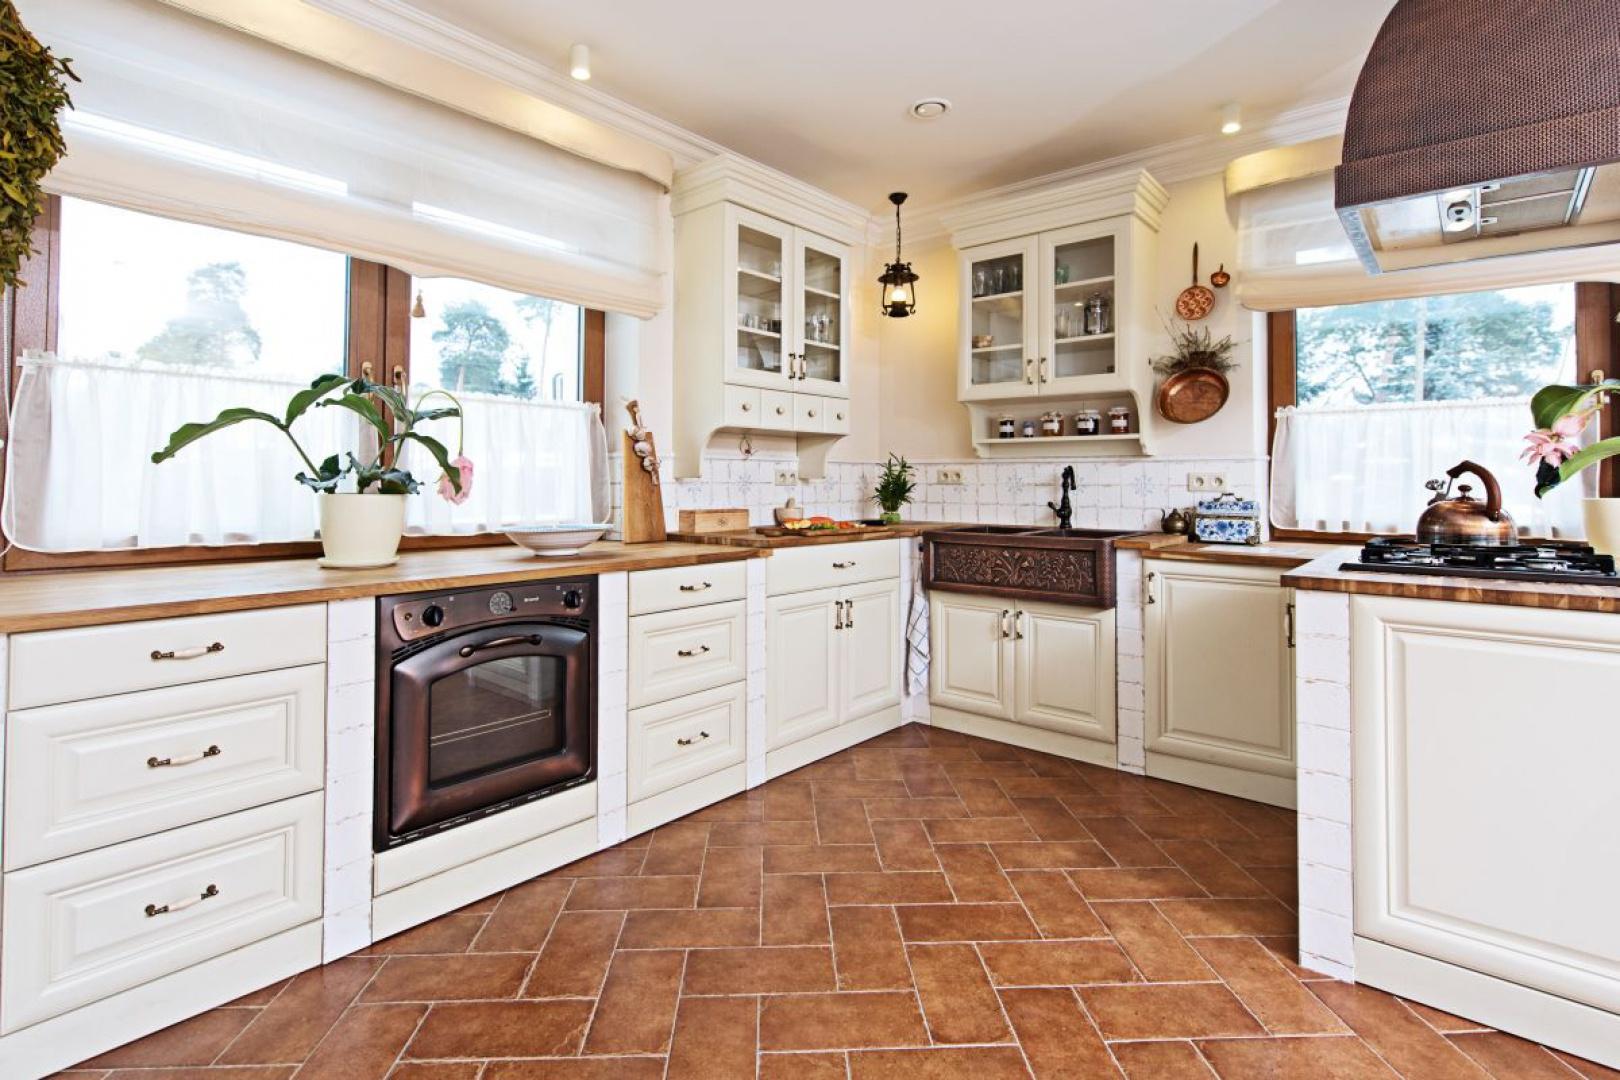 W tej kuchni jest wszystko, czego moglibyśmy oczekiwać od rustykalnej aranżacji. Frezowane fronty, drewniany blat, niezwykle zdobny metalowy okap, kuty zlewozmywak oraz delikatne tekstylia w oknach. Projekt i Fot. Kamila Paszkiewicz